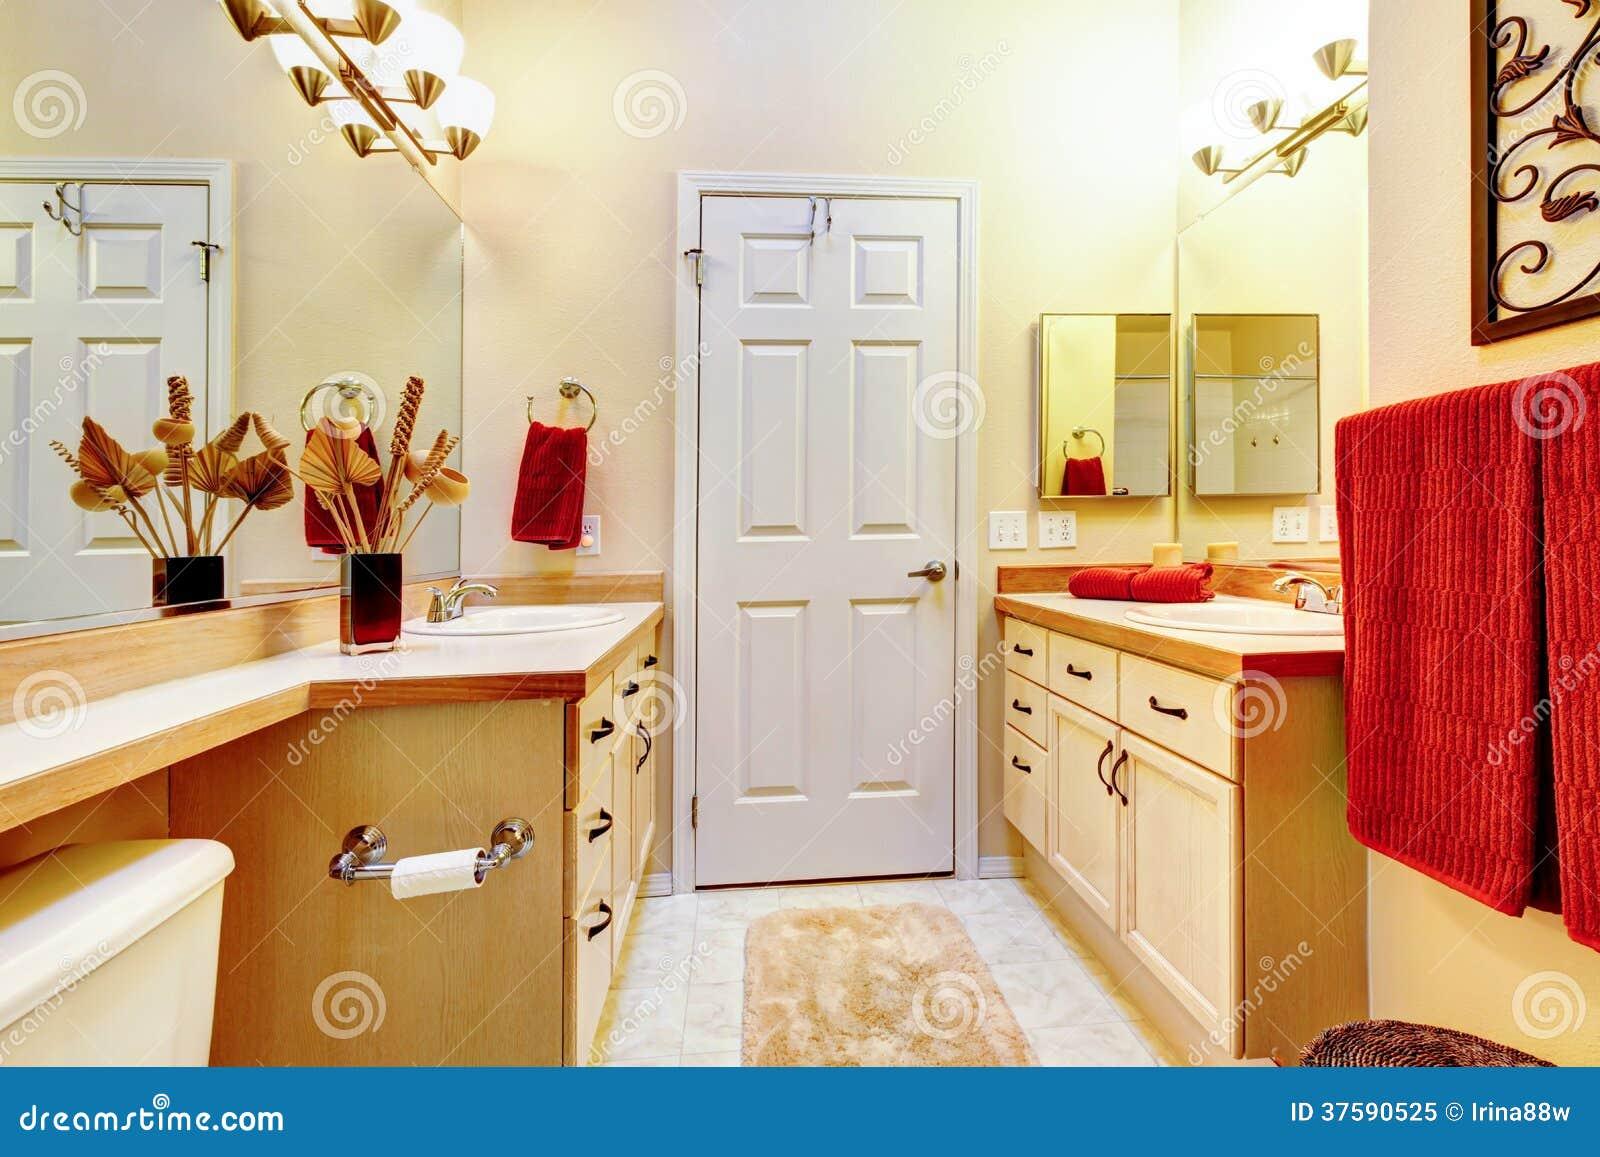 Idee Decorazione Bagno : Idee della decorazione del bagno immagine stock immagine di